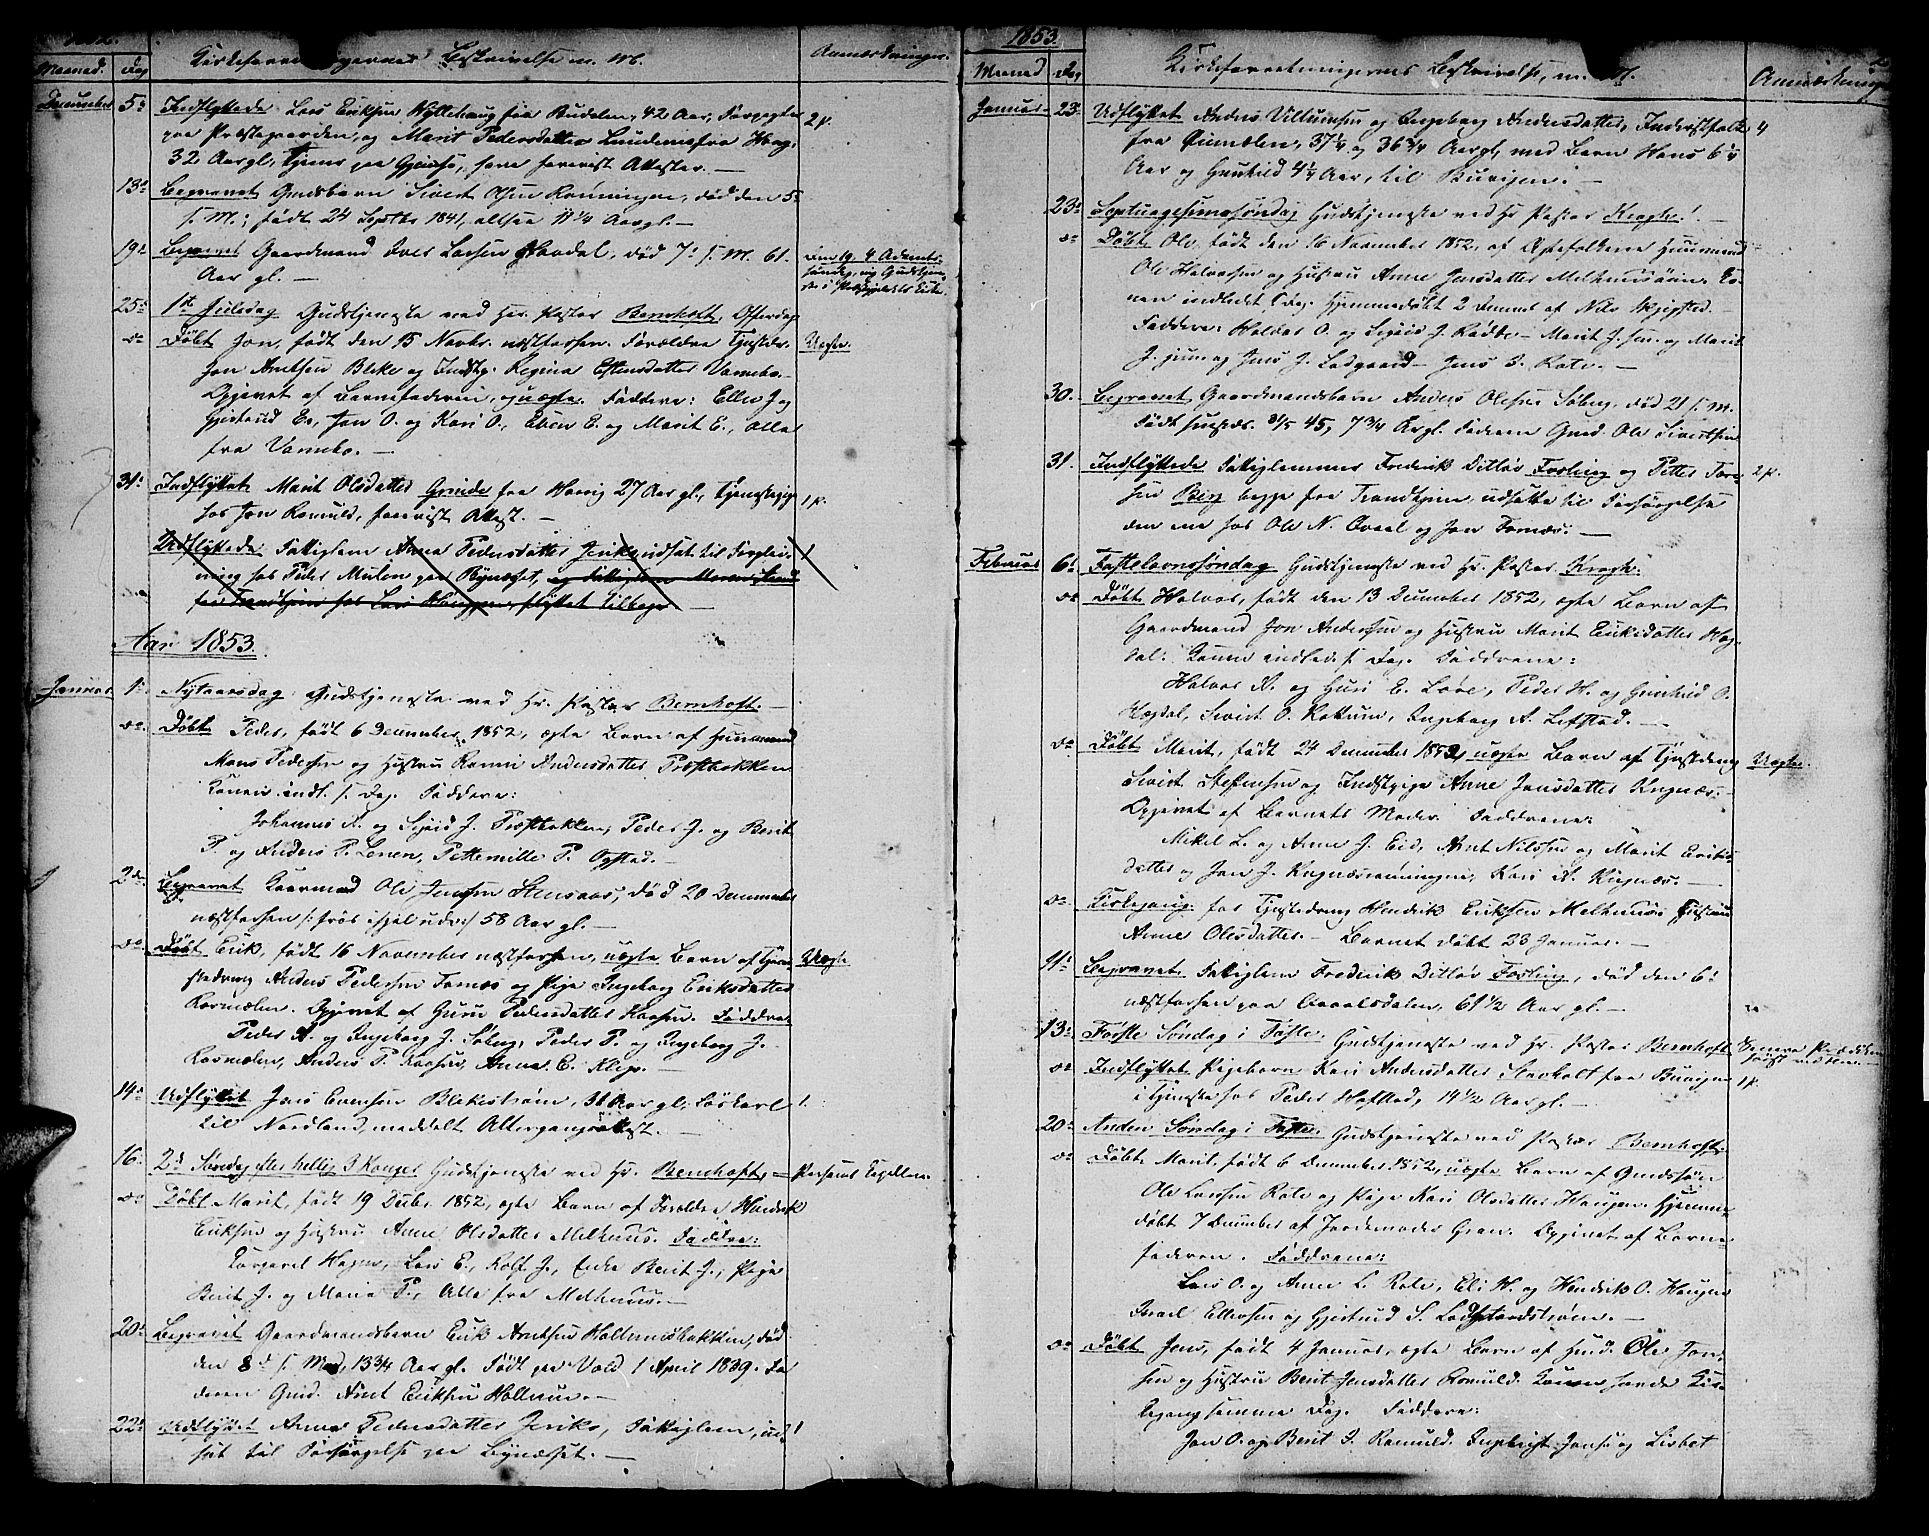 SAT, Ministerialprotokoller, klokkerbøker og fødselsregistre - Sør-Trøndelag, 691/L1093: Klokkerbok nr. 691C04, 1852-1879, s. 2